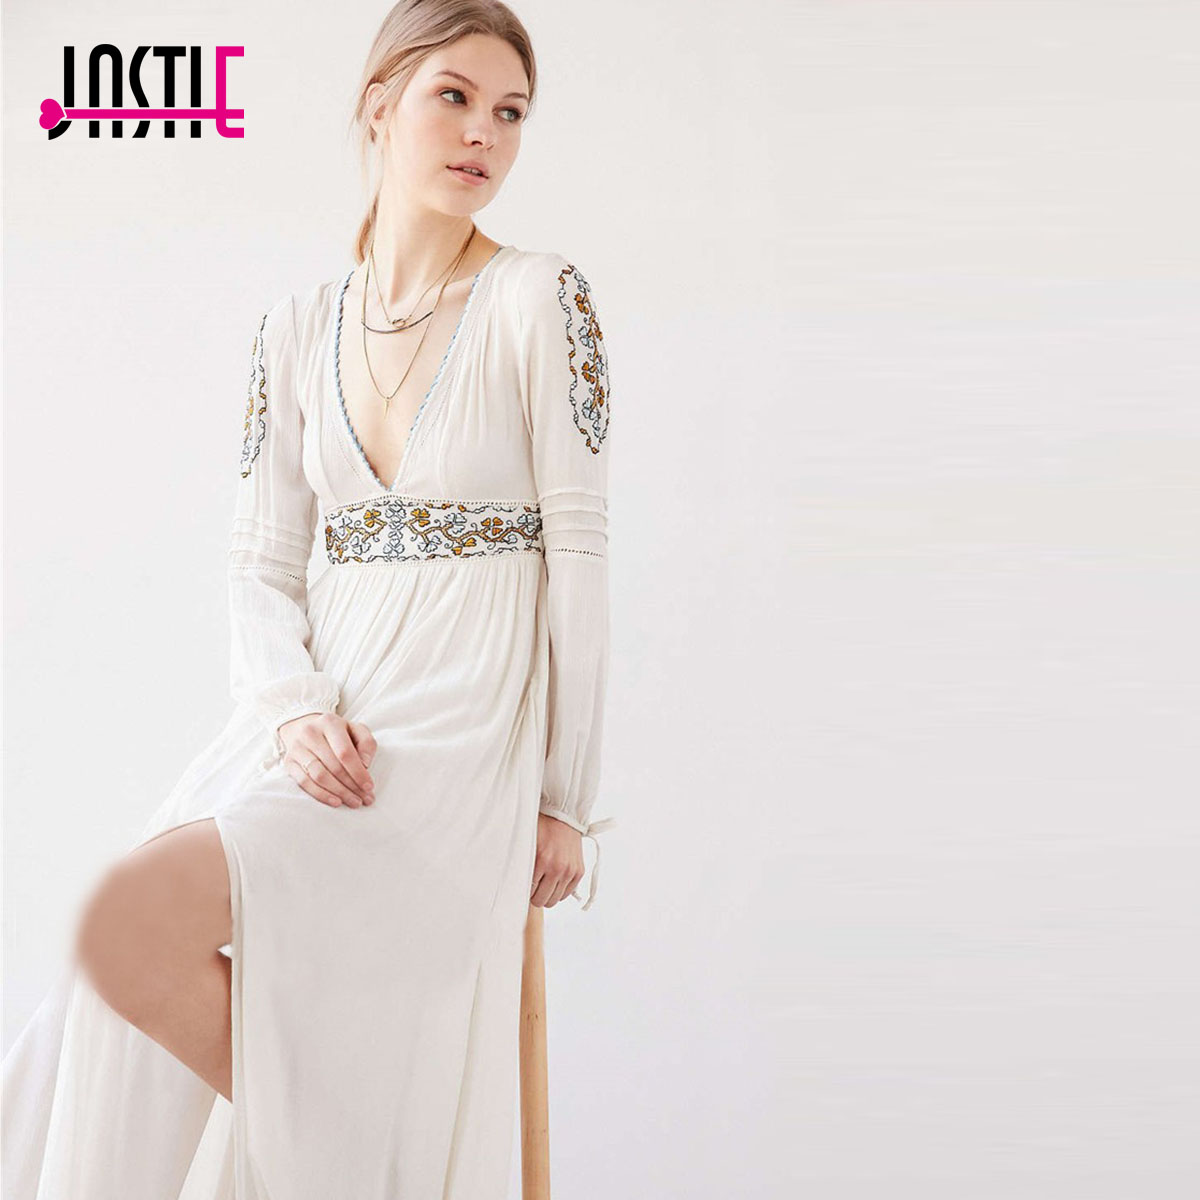 Manches Robe Parti En Slits Broderie Sexy Encolure Maxi V White Femmes Floral Robes Ouvert Bohème Élégant À Boho Longues OXPTkZui